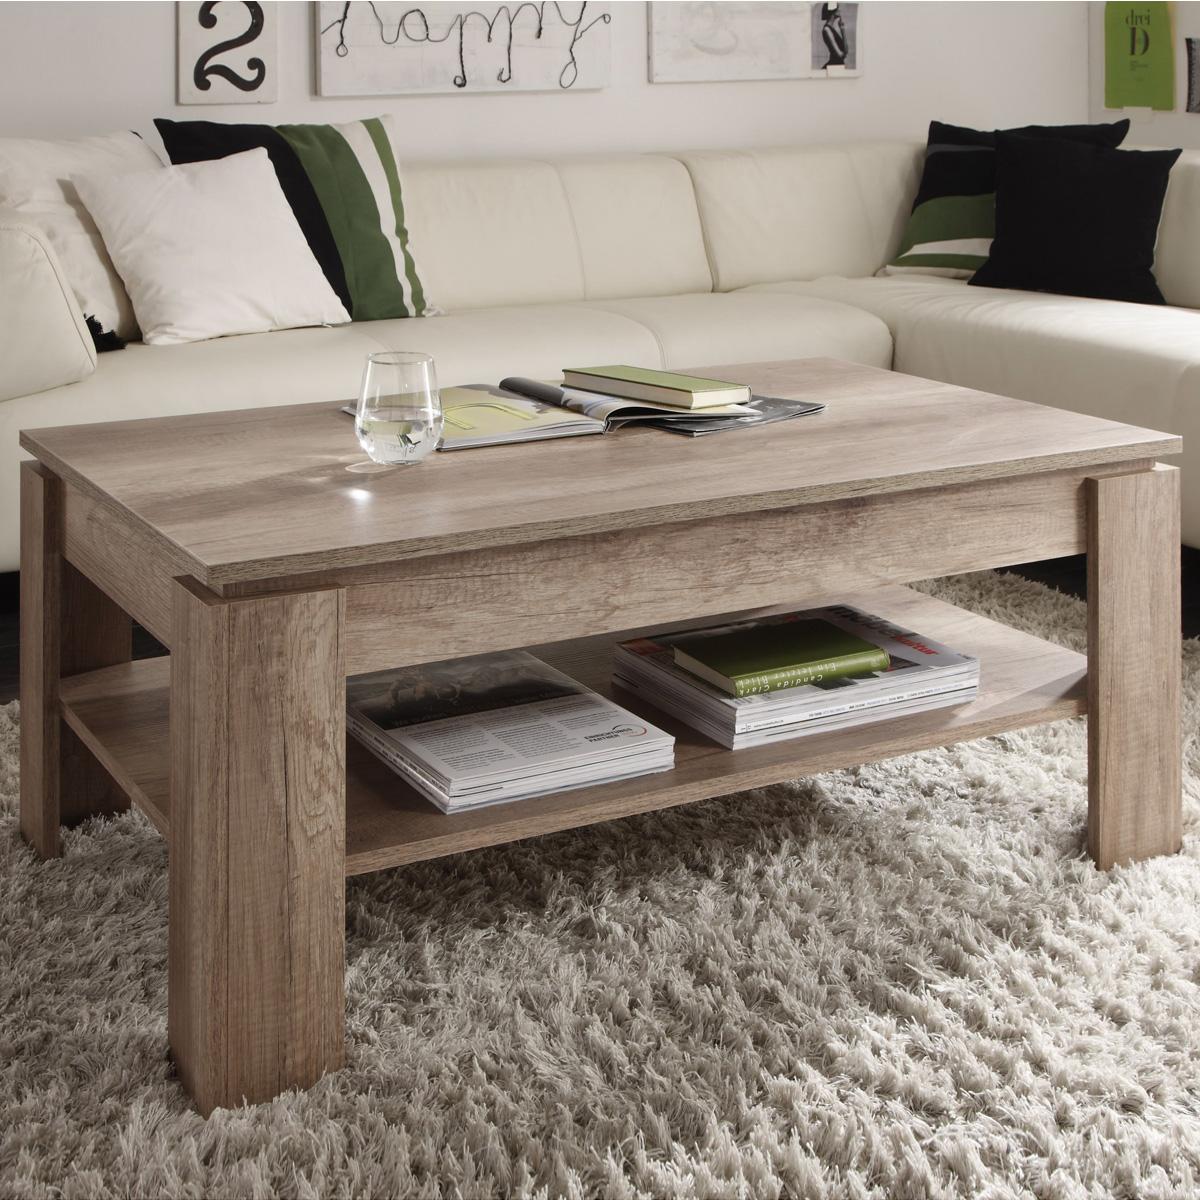 couchtisch universal mit ablage wohnzimmer tisch beistelltisch sofatisch ebay. Black Bedroom Furniture Sets. Home Design Ideas